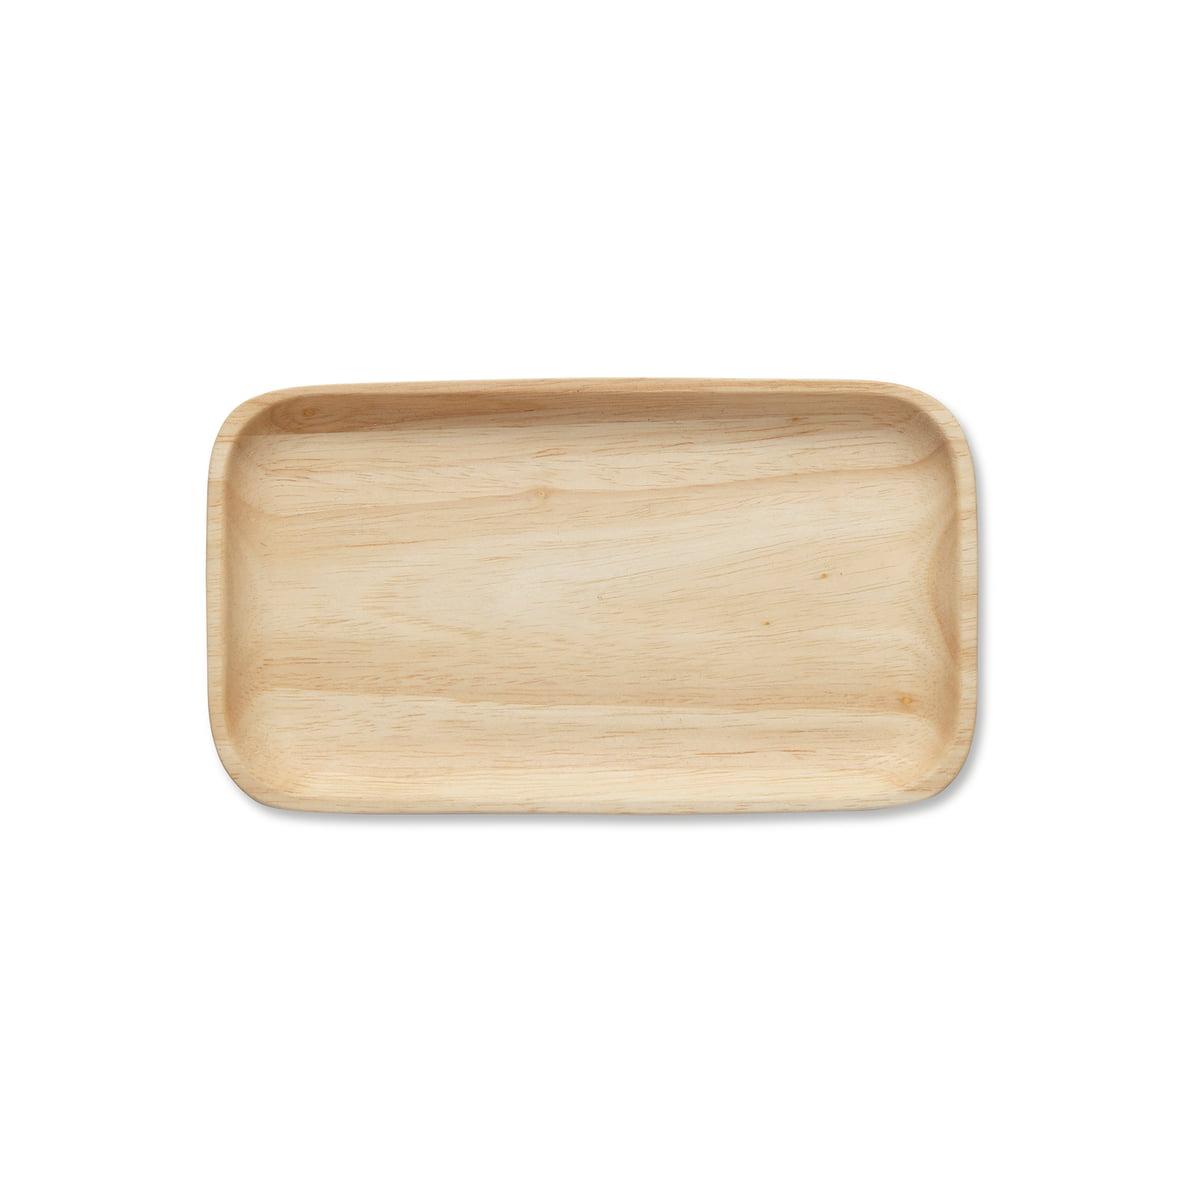 Oiva Holz Tablett Von Marimekko Connox